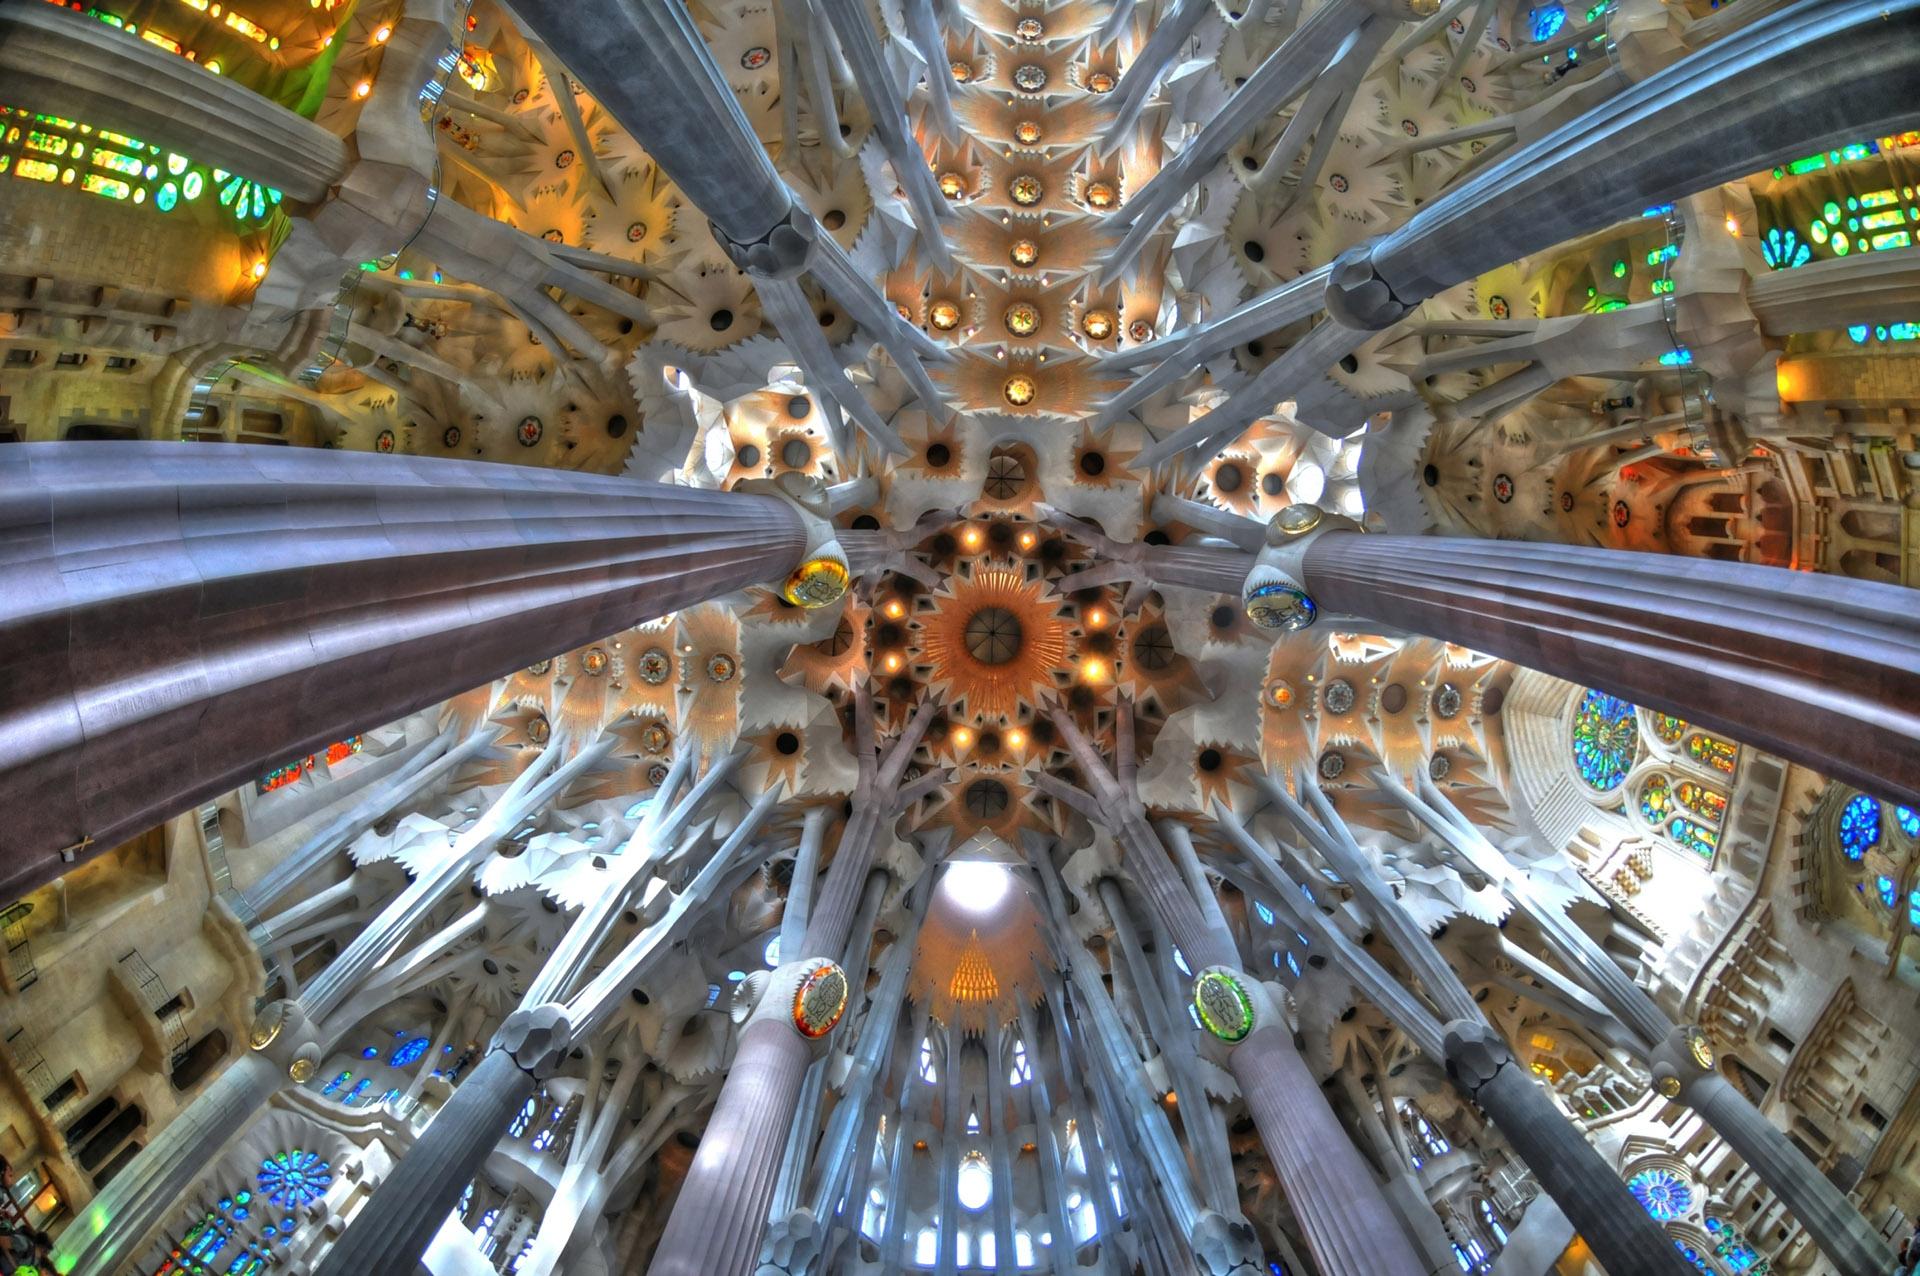 Para liberar de peso a los techos y aportar luz, Gaudí ubicó, en los espacios situados entre las columnas, unos tragaluces de vidrio doradas y verdes y con baldosas, por donde entra y se refleja la luz solar